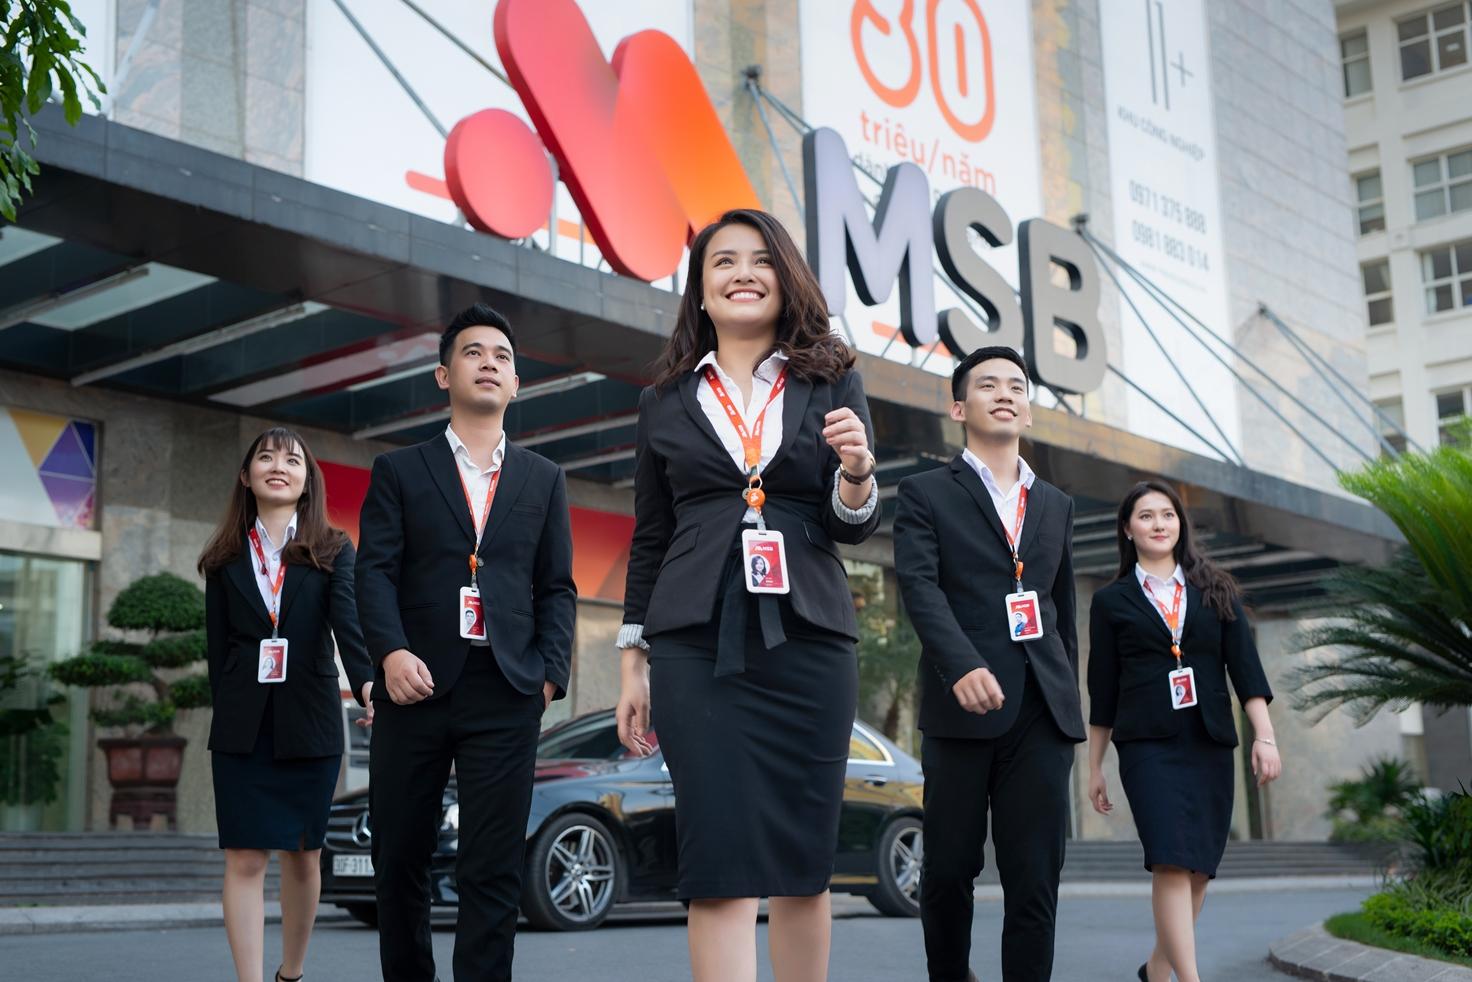 Ngân hàng Hàng Hải Việt Nam thay đổi thương hiệu mới thành MSB từ tháng 1 năm 2019